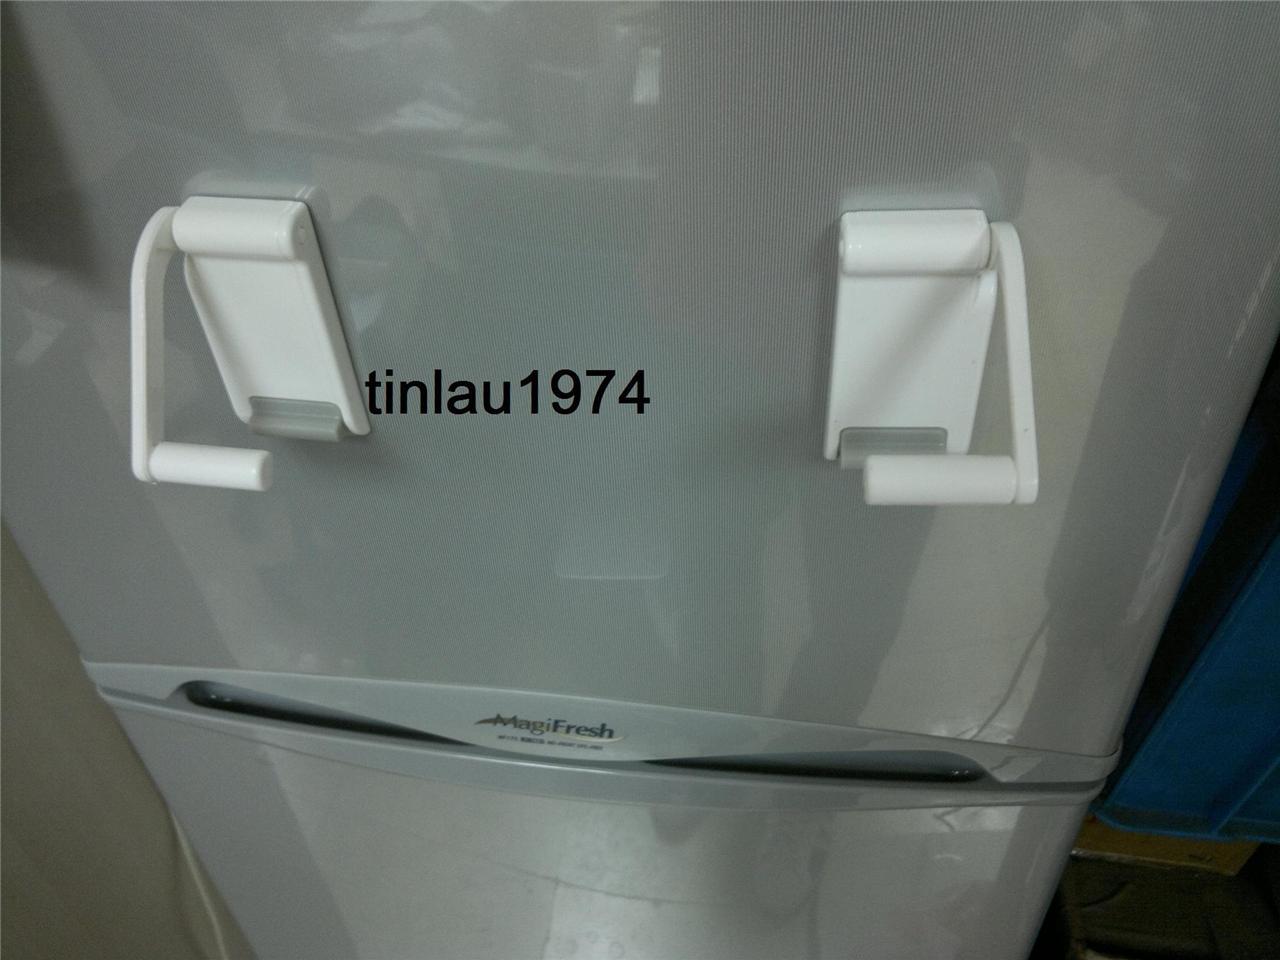 1pc x magnetic paper towel holder kitchen paper towel rack for refrigerator new ebay. Black Bedroom Furniture Sets. Home Design Ideas